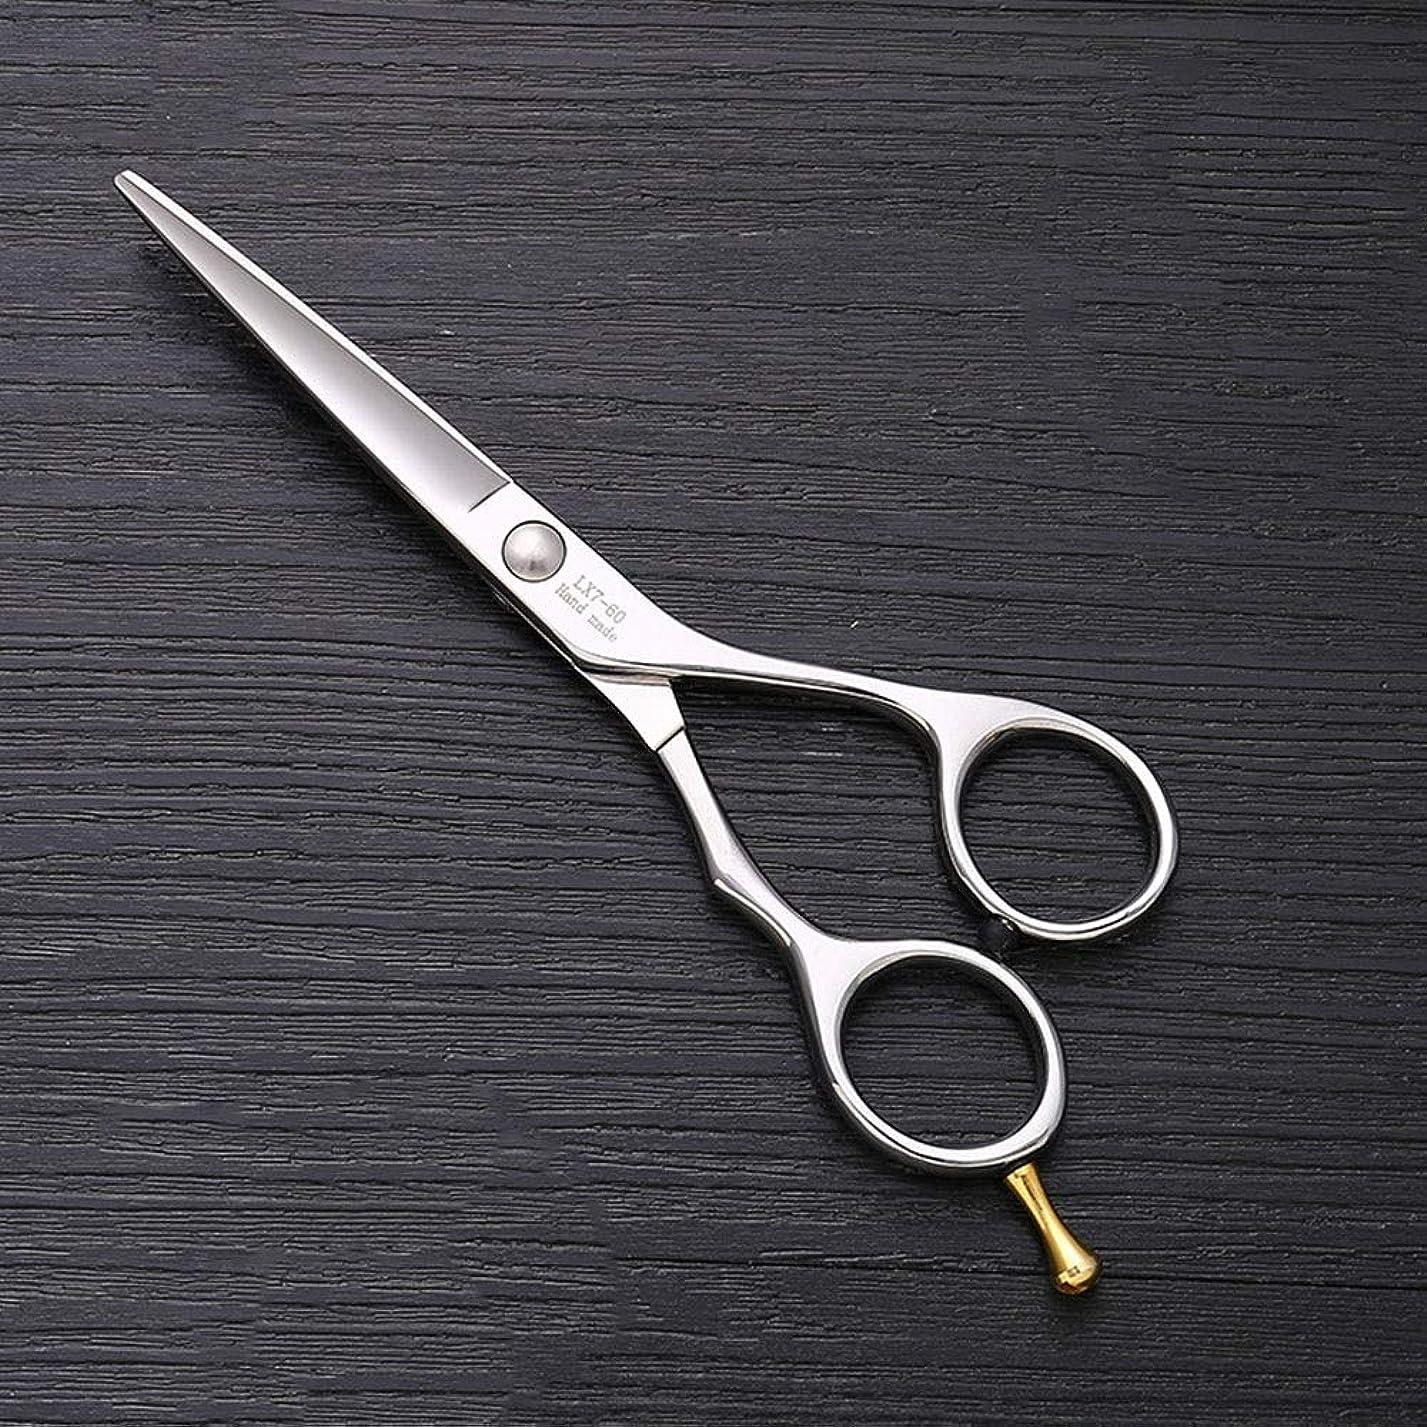 バッフル可動式関連するHOTARUYiZi 散髪ハサミ カットバサミ セニング 散髪はさみ すきバサミ プロ ヘアカット カットシザー 品質保証 耐久性 美容院 ステンレス鋼 専門カット 5.75インチ 髪カット (色 : Silver)